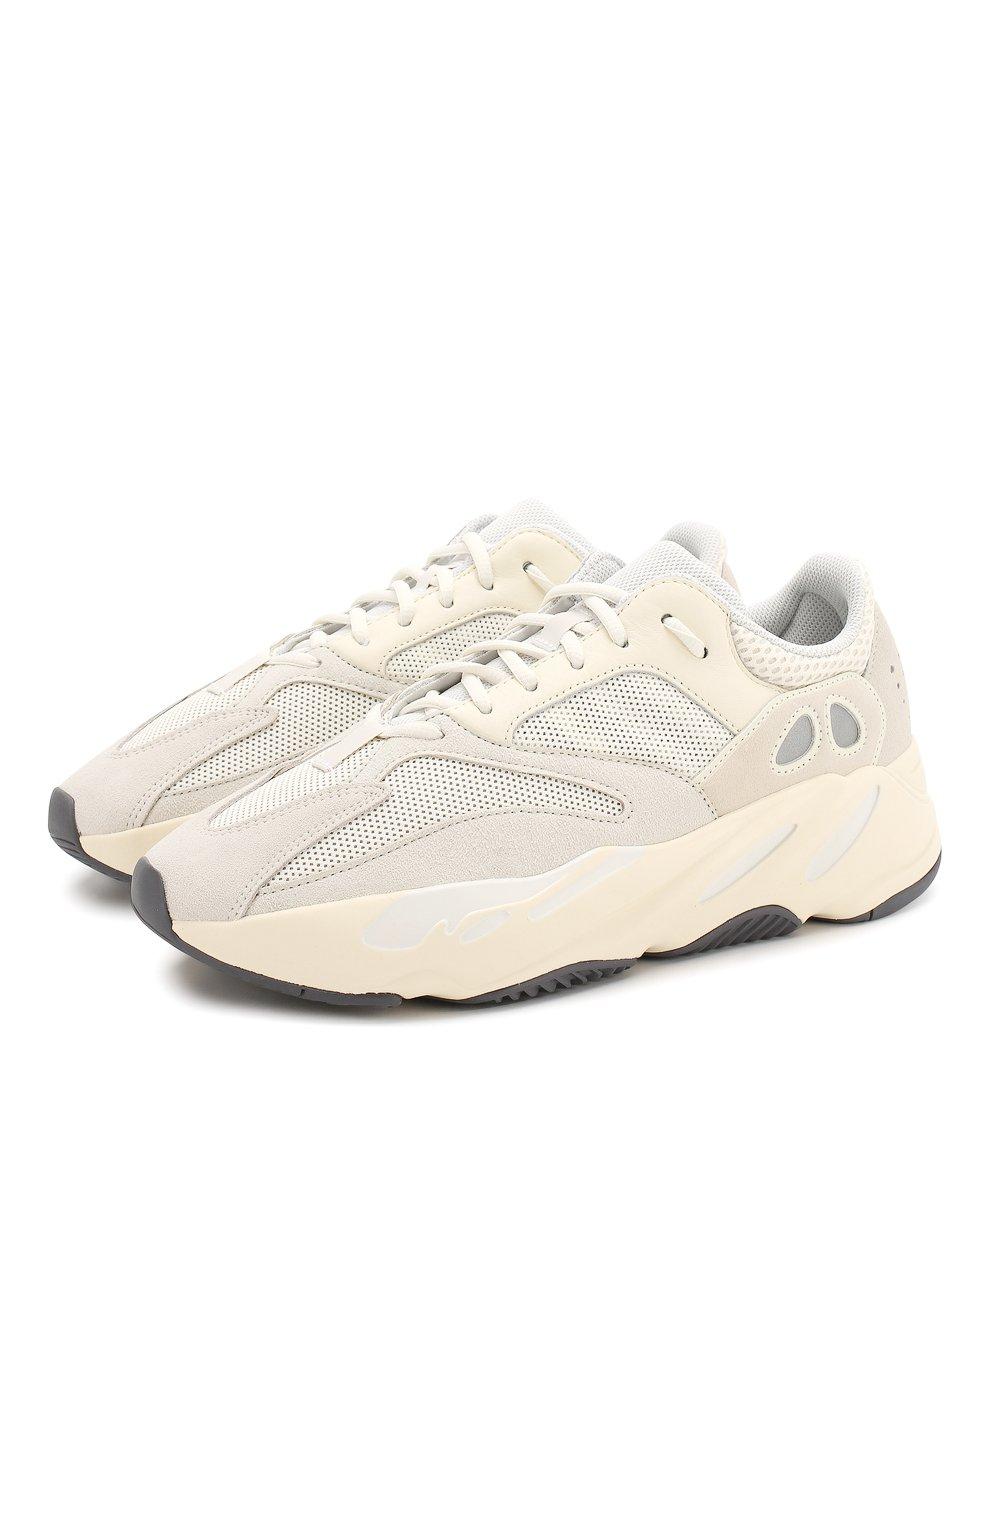 8086f34b Комбинированные кроссовки Yeezy Boost 700 Analog adidas Originals белые |  Фото №1